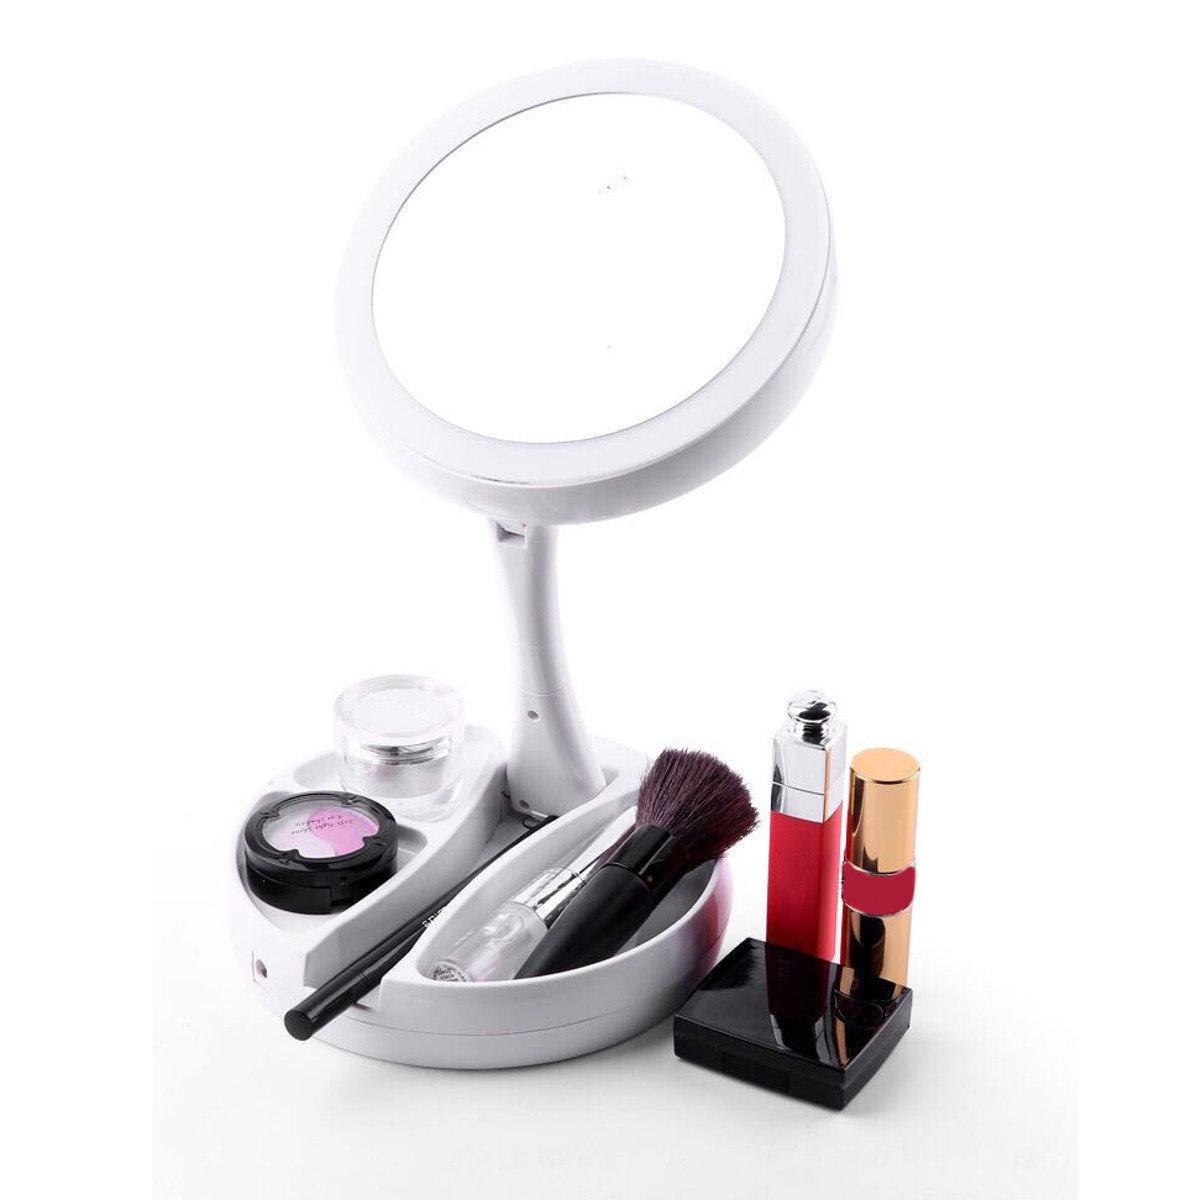 Зеркало косметическое настольное с подсветкой для макияжа Настольное макияжное зеркало с LED лампочками